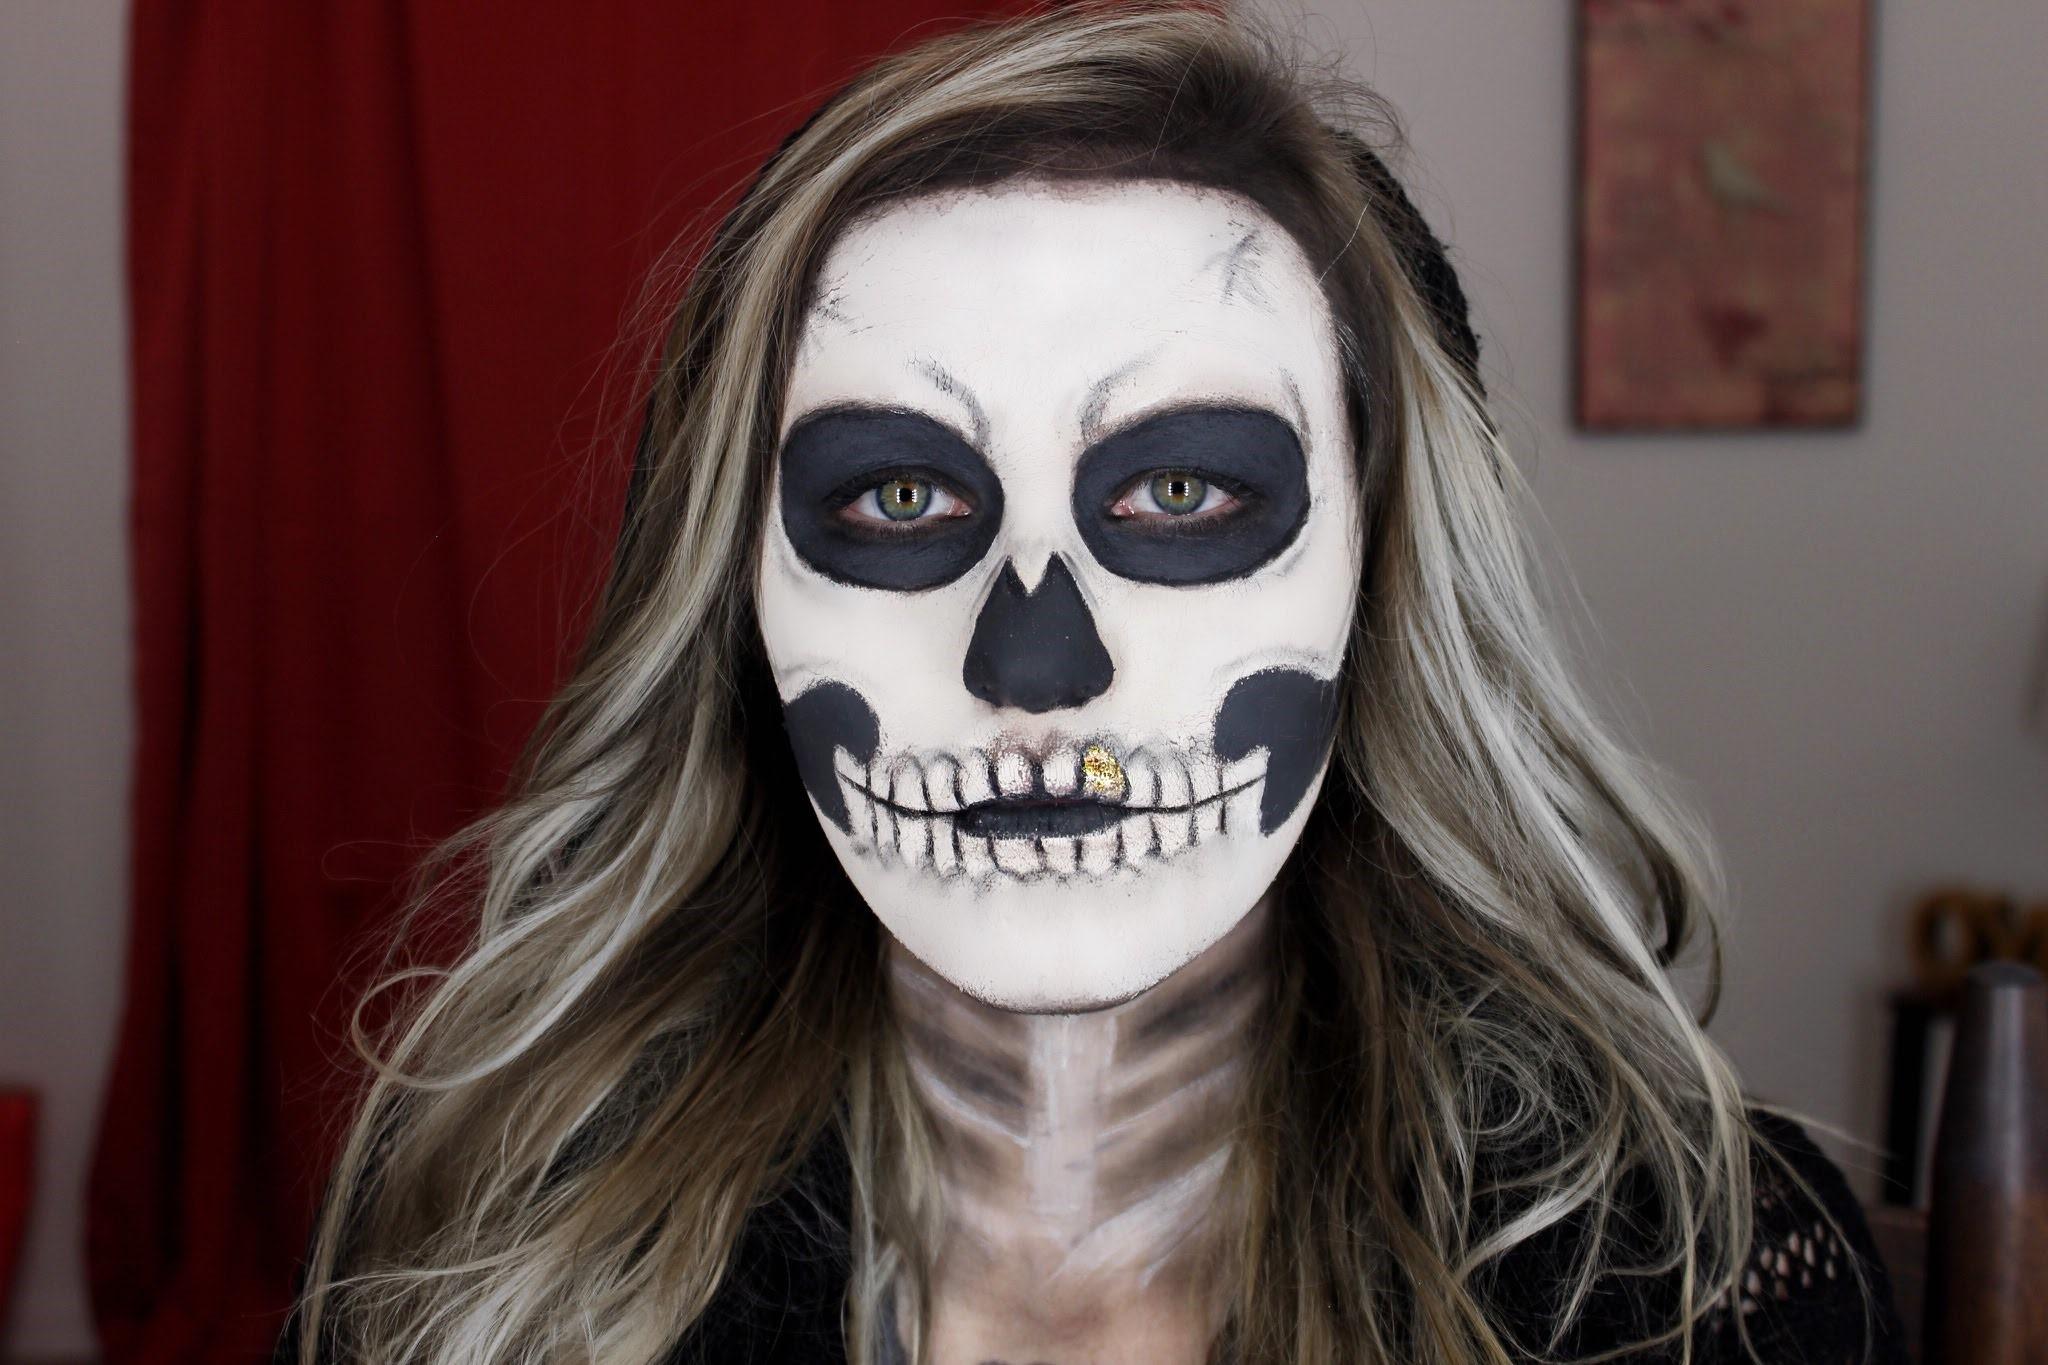 Au lieu de tomber dans un trou de lapin de tutoriels YouTube, consultez notre idée de maquillage de dernière minute pour Halloween.